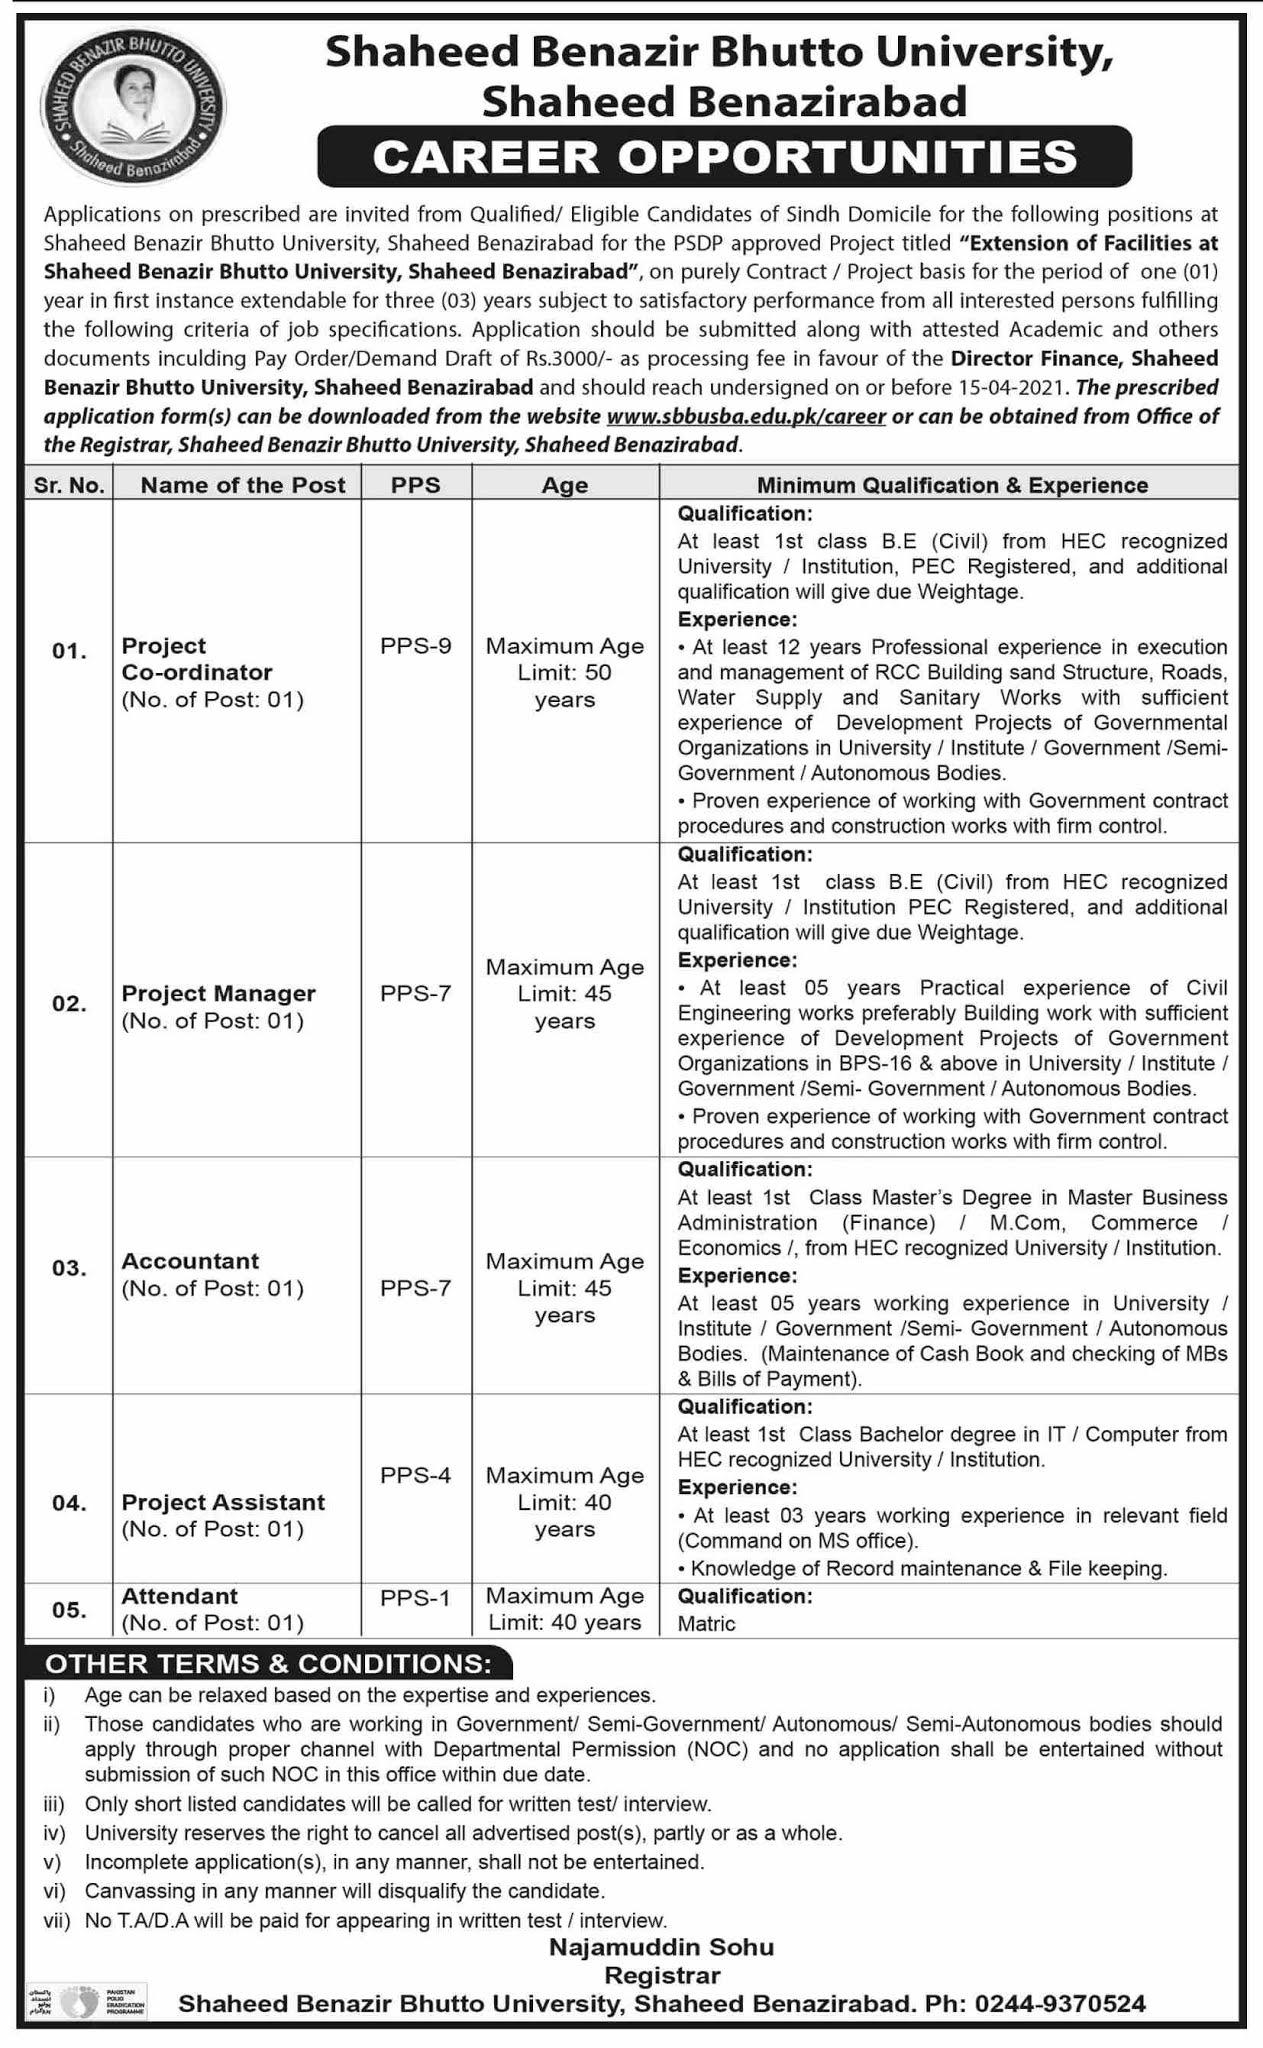 Shaheed Benazir Bhutto University Shaheed Benazirabad Jobs 2021 in Pakistan